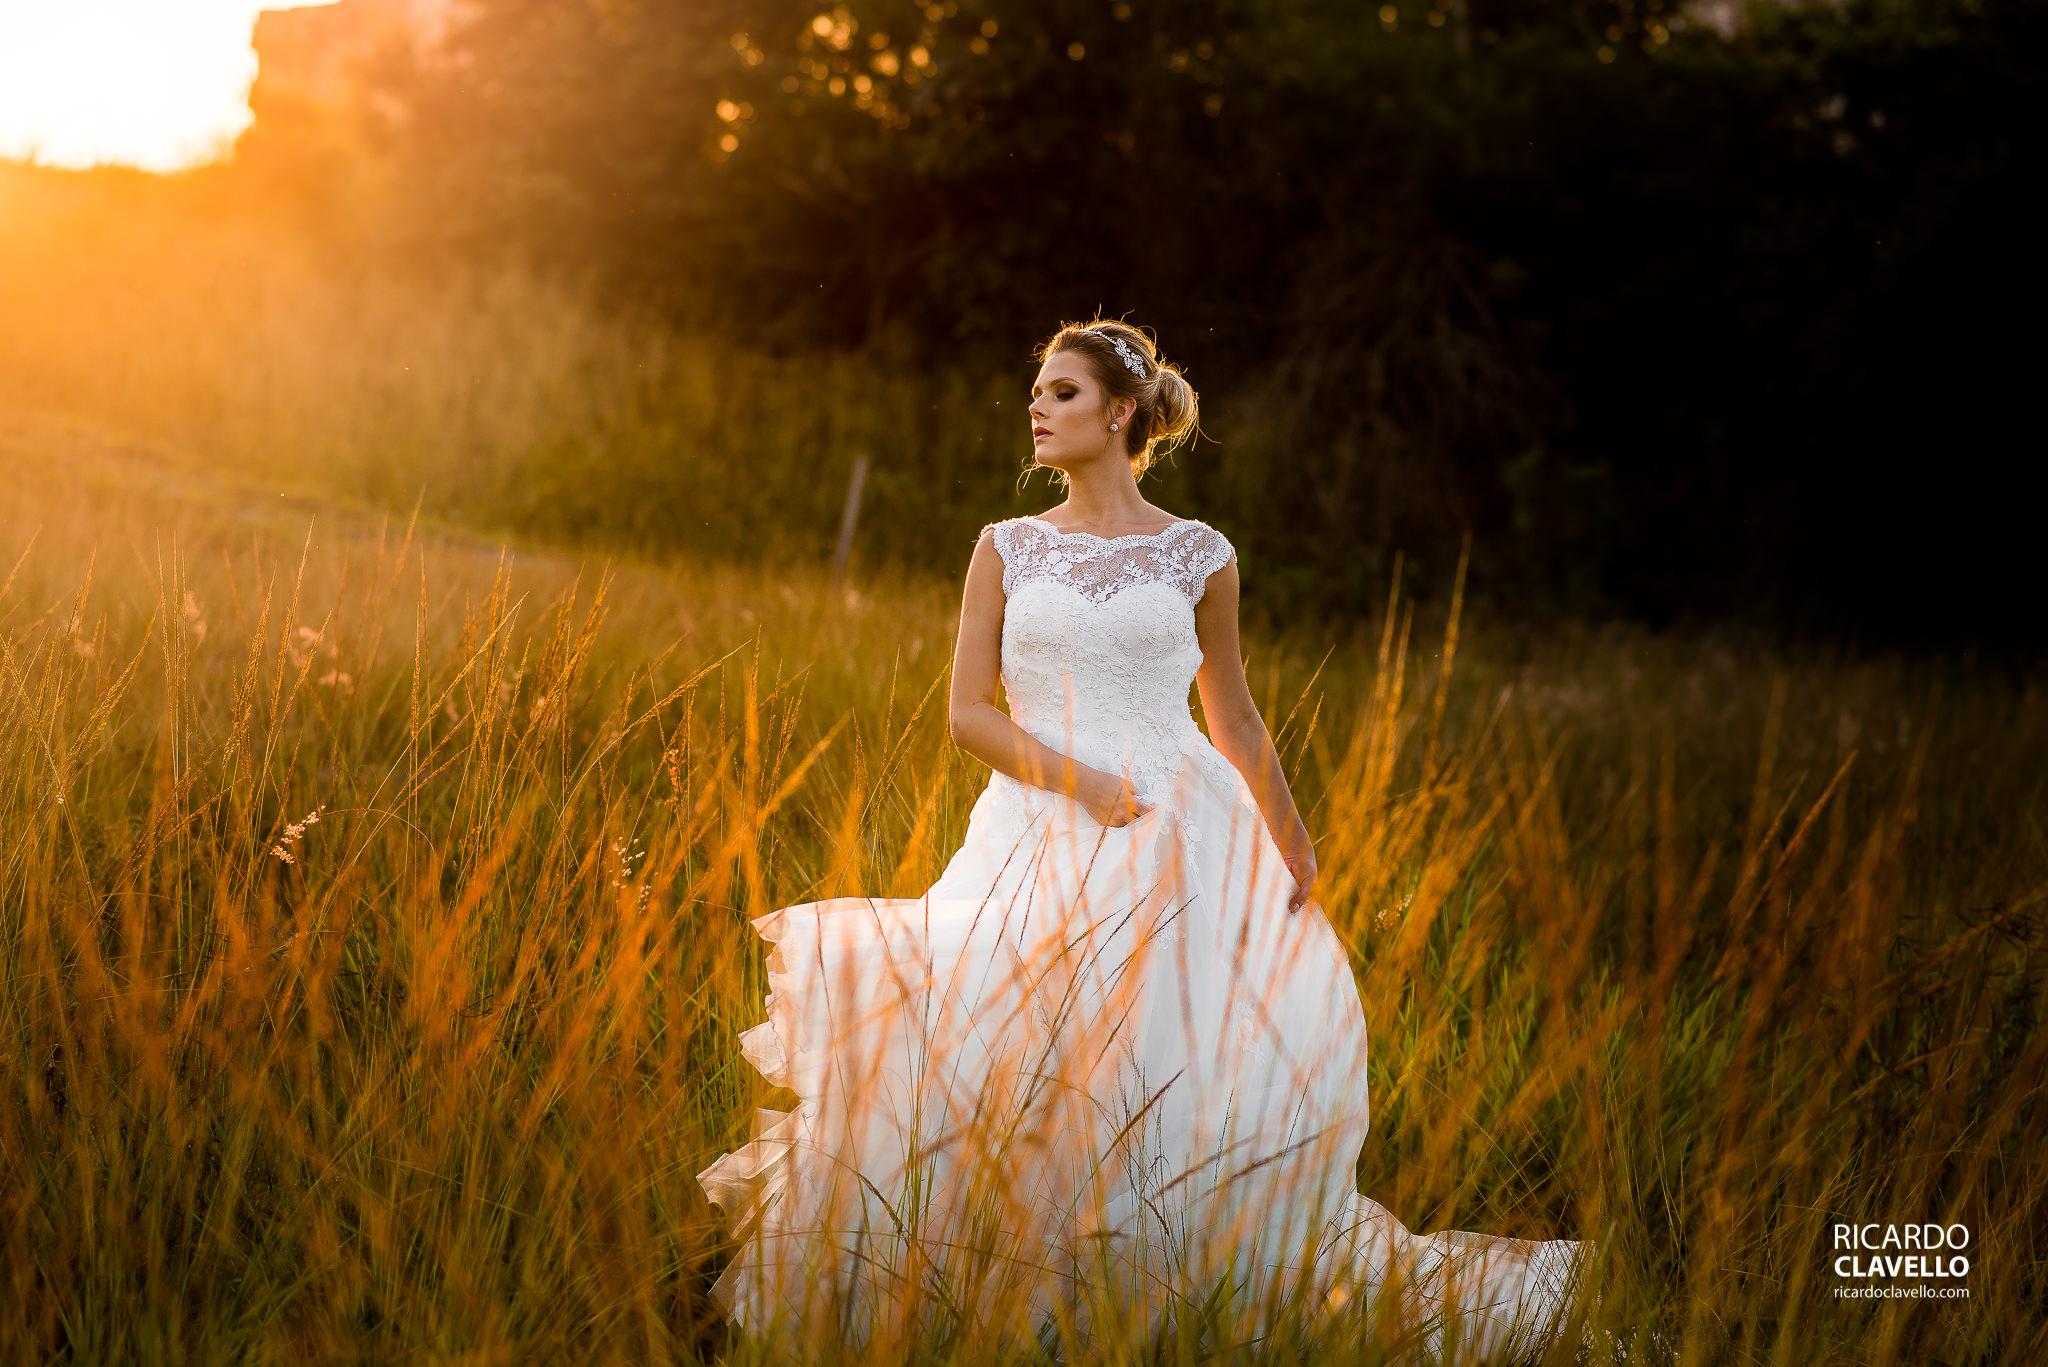 Contate Ricardo Clavello - Fotógrafo de Casamentos - Juiz de Fora e RJ